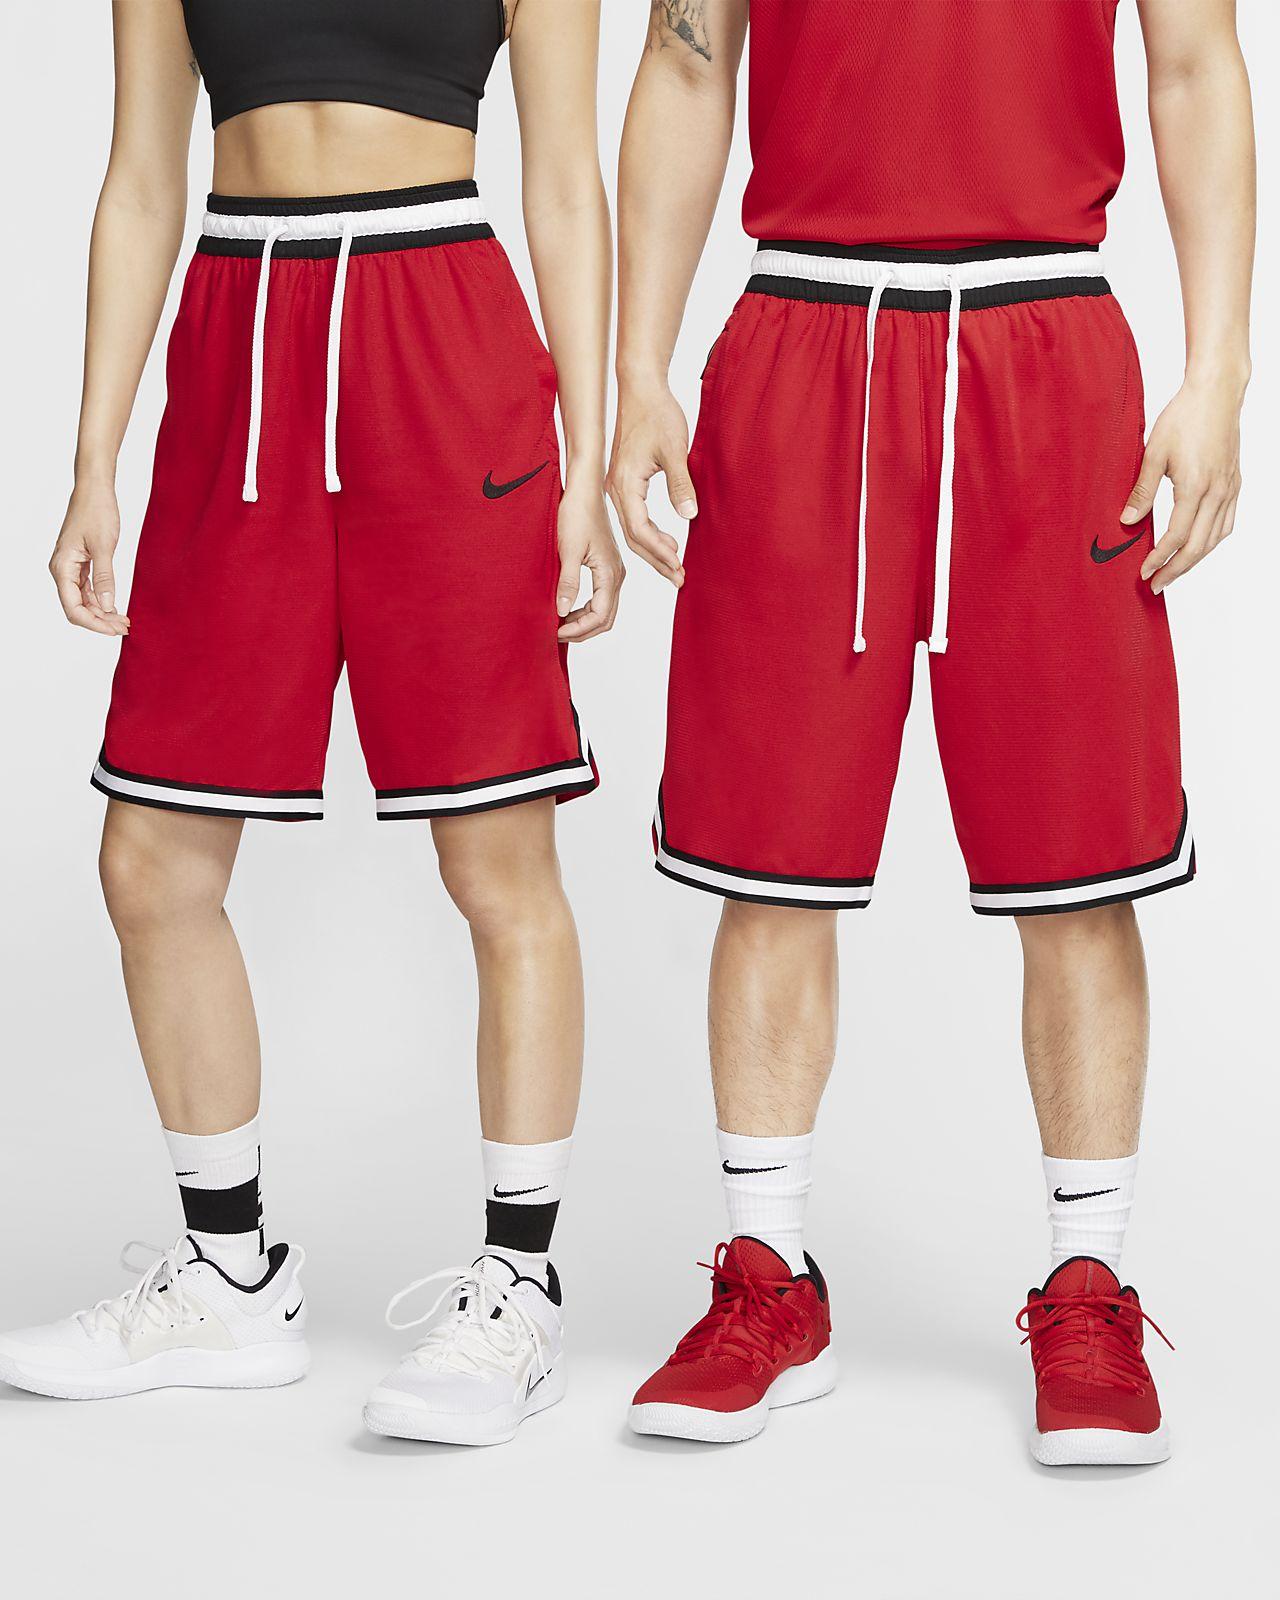 Calções de basquetebol Nike Dri-FIT DNA para homem